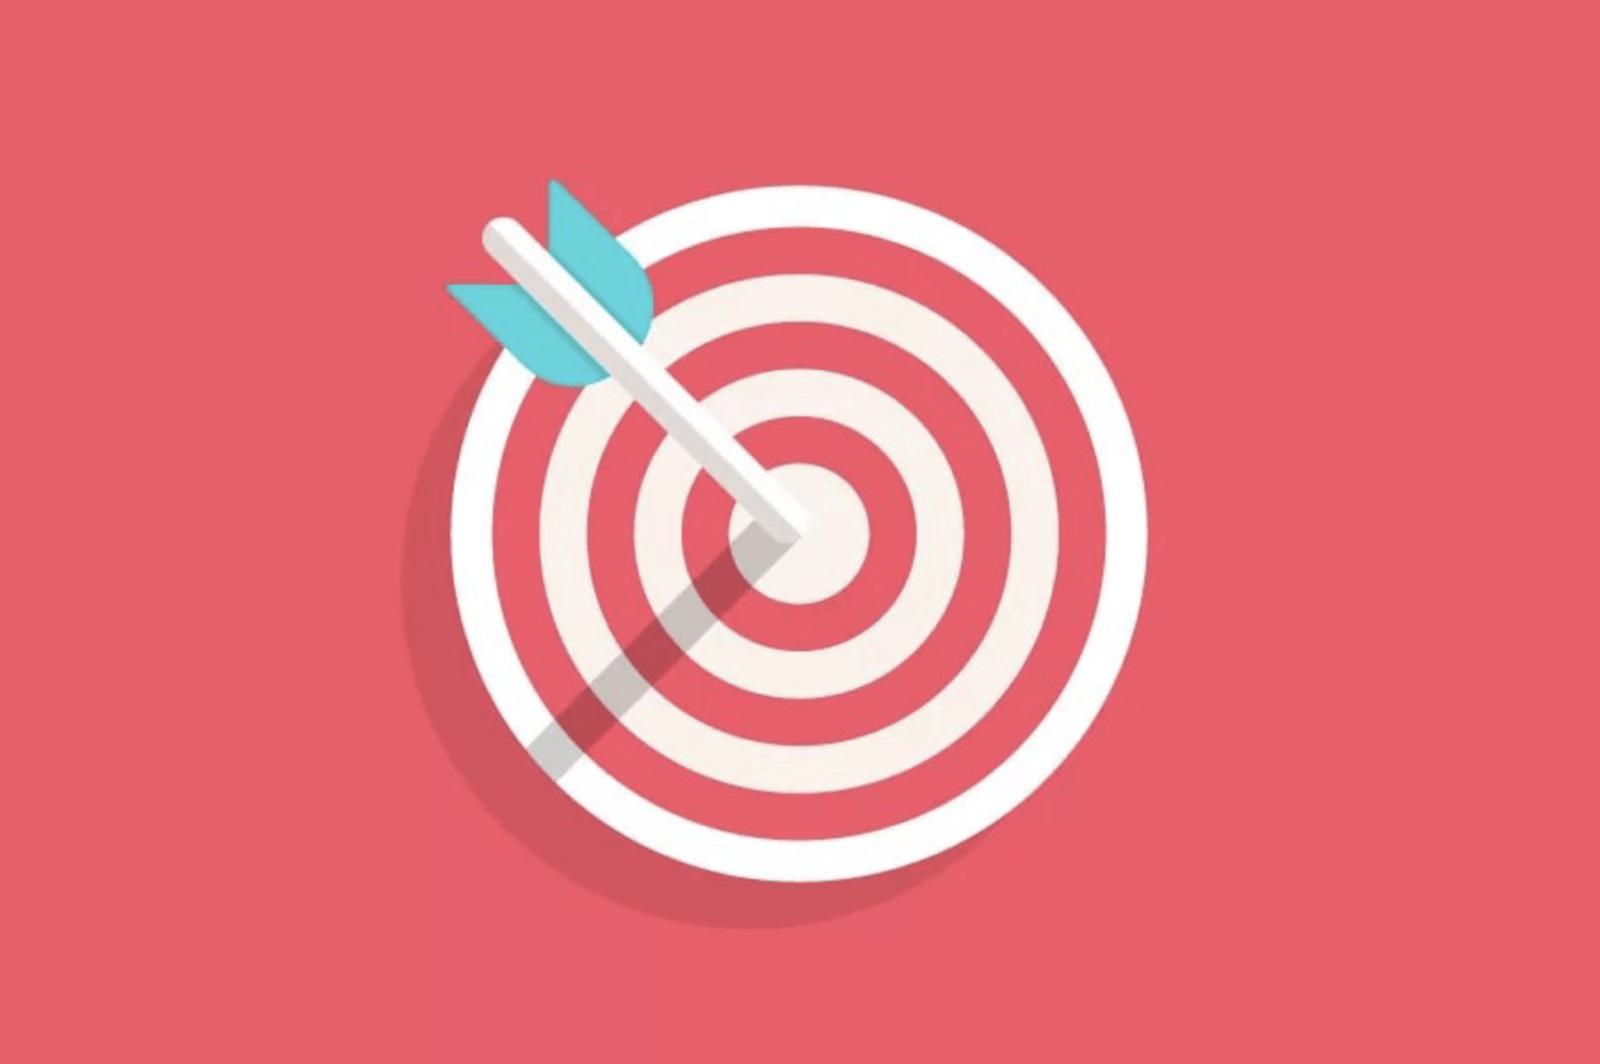 6 Частых ошибок в таргетированной рекламе, из-за которых она может быть неэффективной